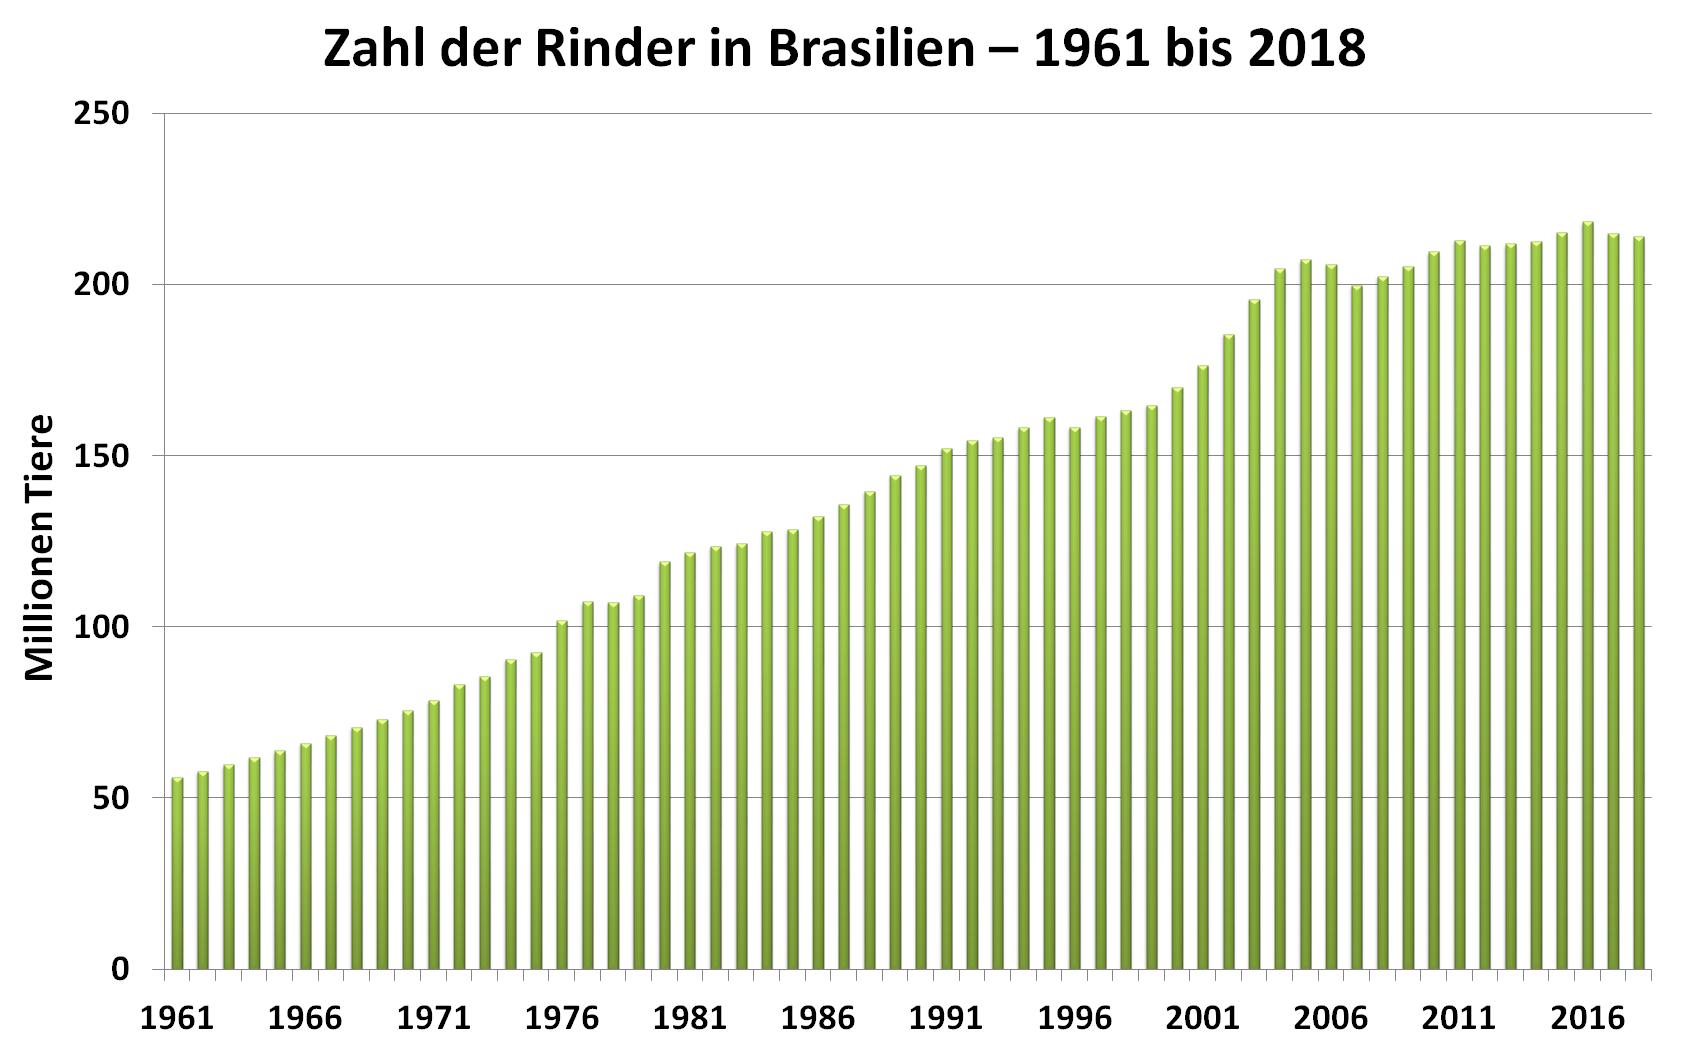 Grafik: Zahl der Rinder in Brasilien in den Jahren 1961 bis 2018